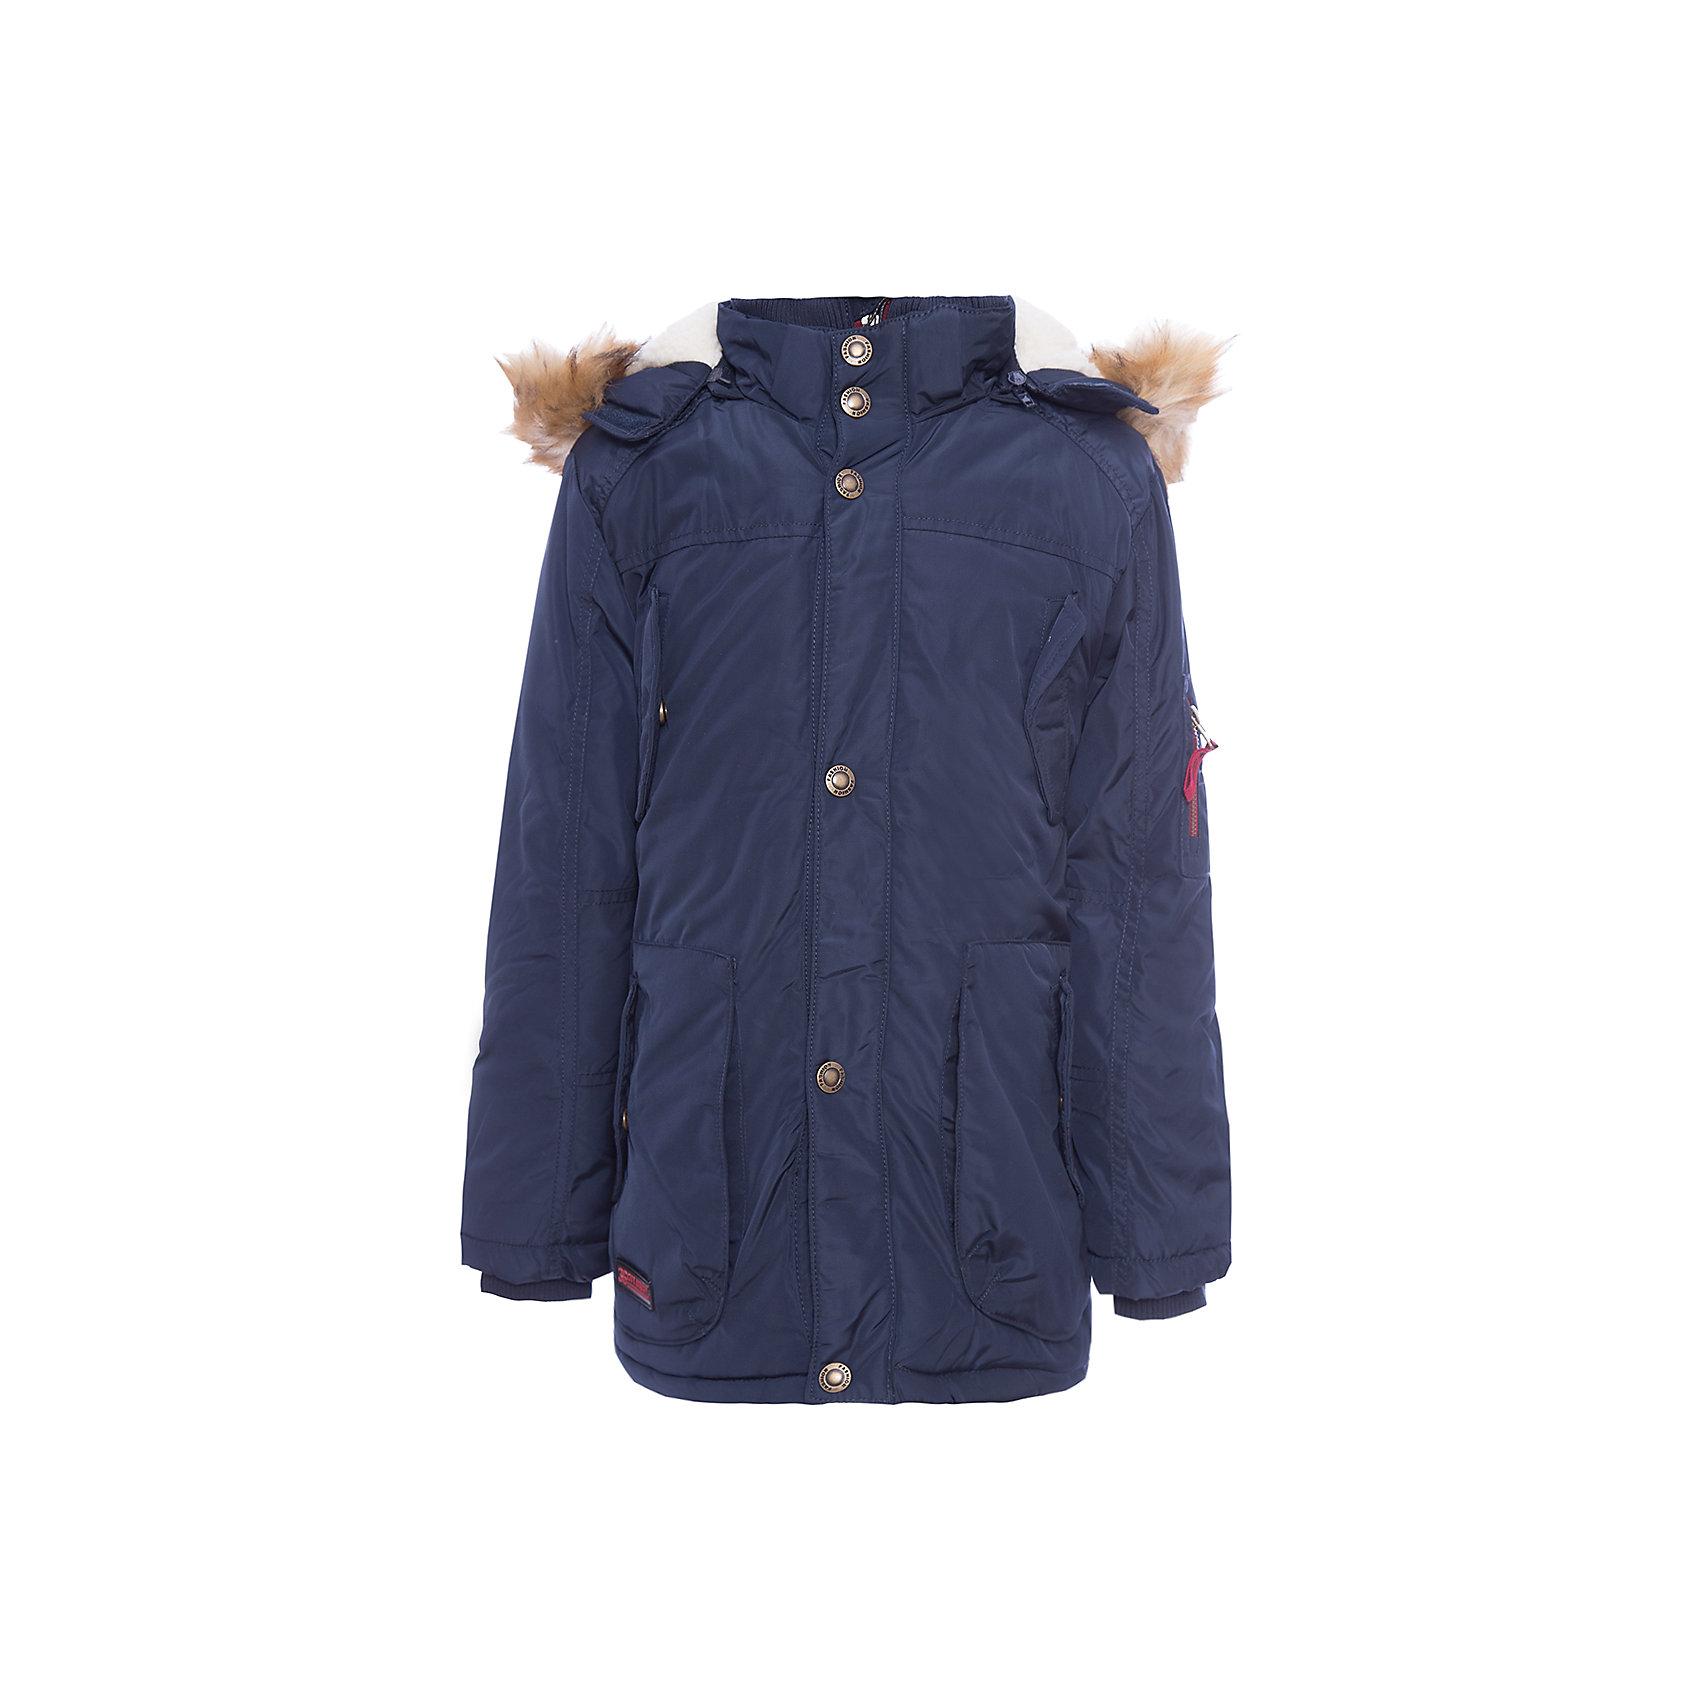 Куртка Luminoso для мальчикаВерхняя одежда<br>Куртка Luminoso для мальчика<br><br>Состав:<br>Верх: 100% полиэстер Подкладка: 100% полиэстер Наполнитель 100% полиэстер<br><br>Ширина мм: 356<br>Глубина мм: 10<br>Высота мм: 245<br>Вес г: 519<br>Цвет: синий<br>Возраст от месяцев: 156<br>Возраст до месяцев: 168<br>Пол: Мужской<br>Возраст: Детский<br>Размер: 164,134,140,146,152,158<br>SKU: 7096977